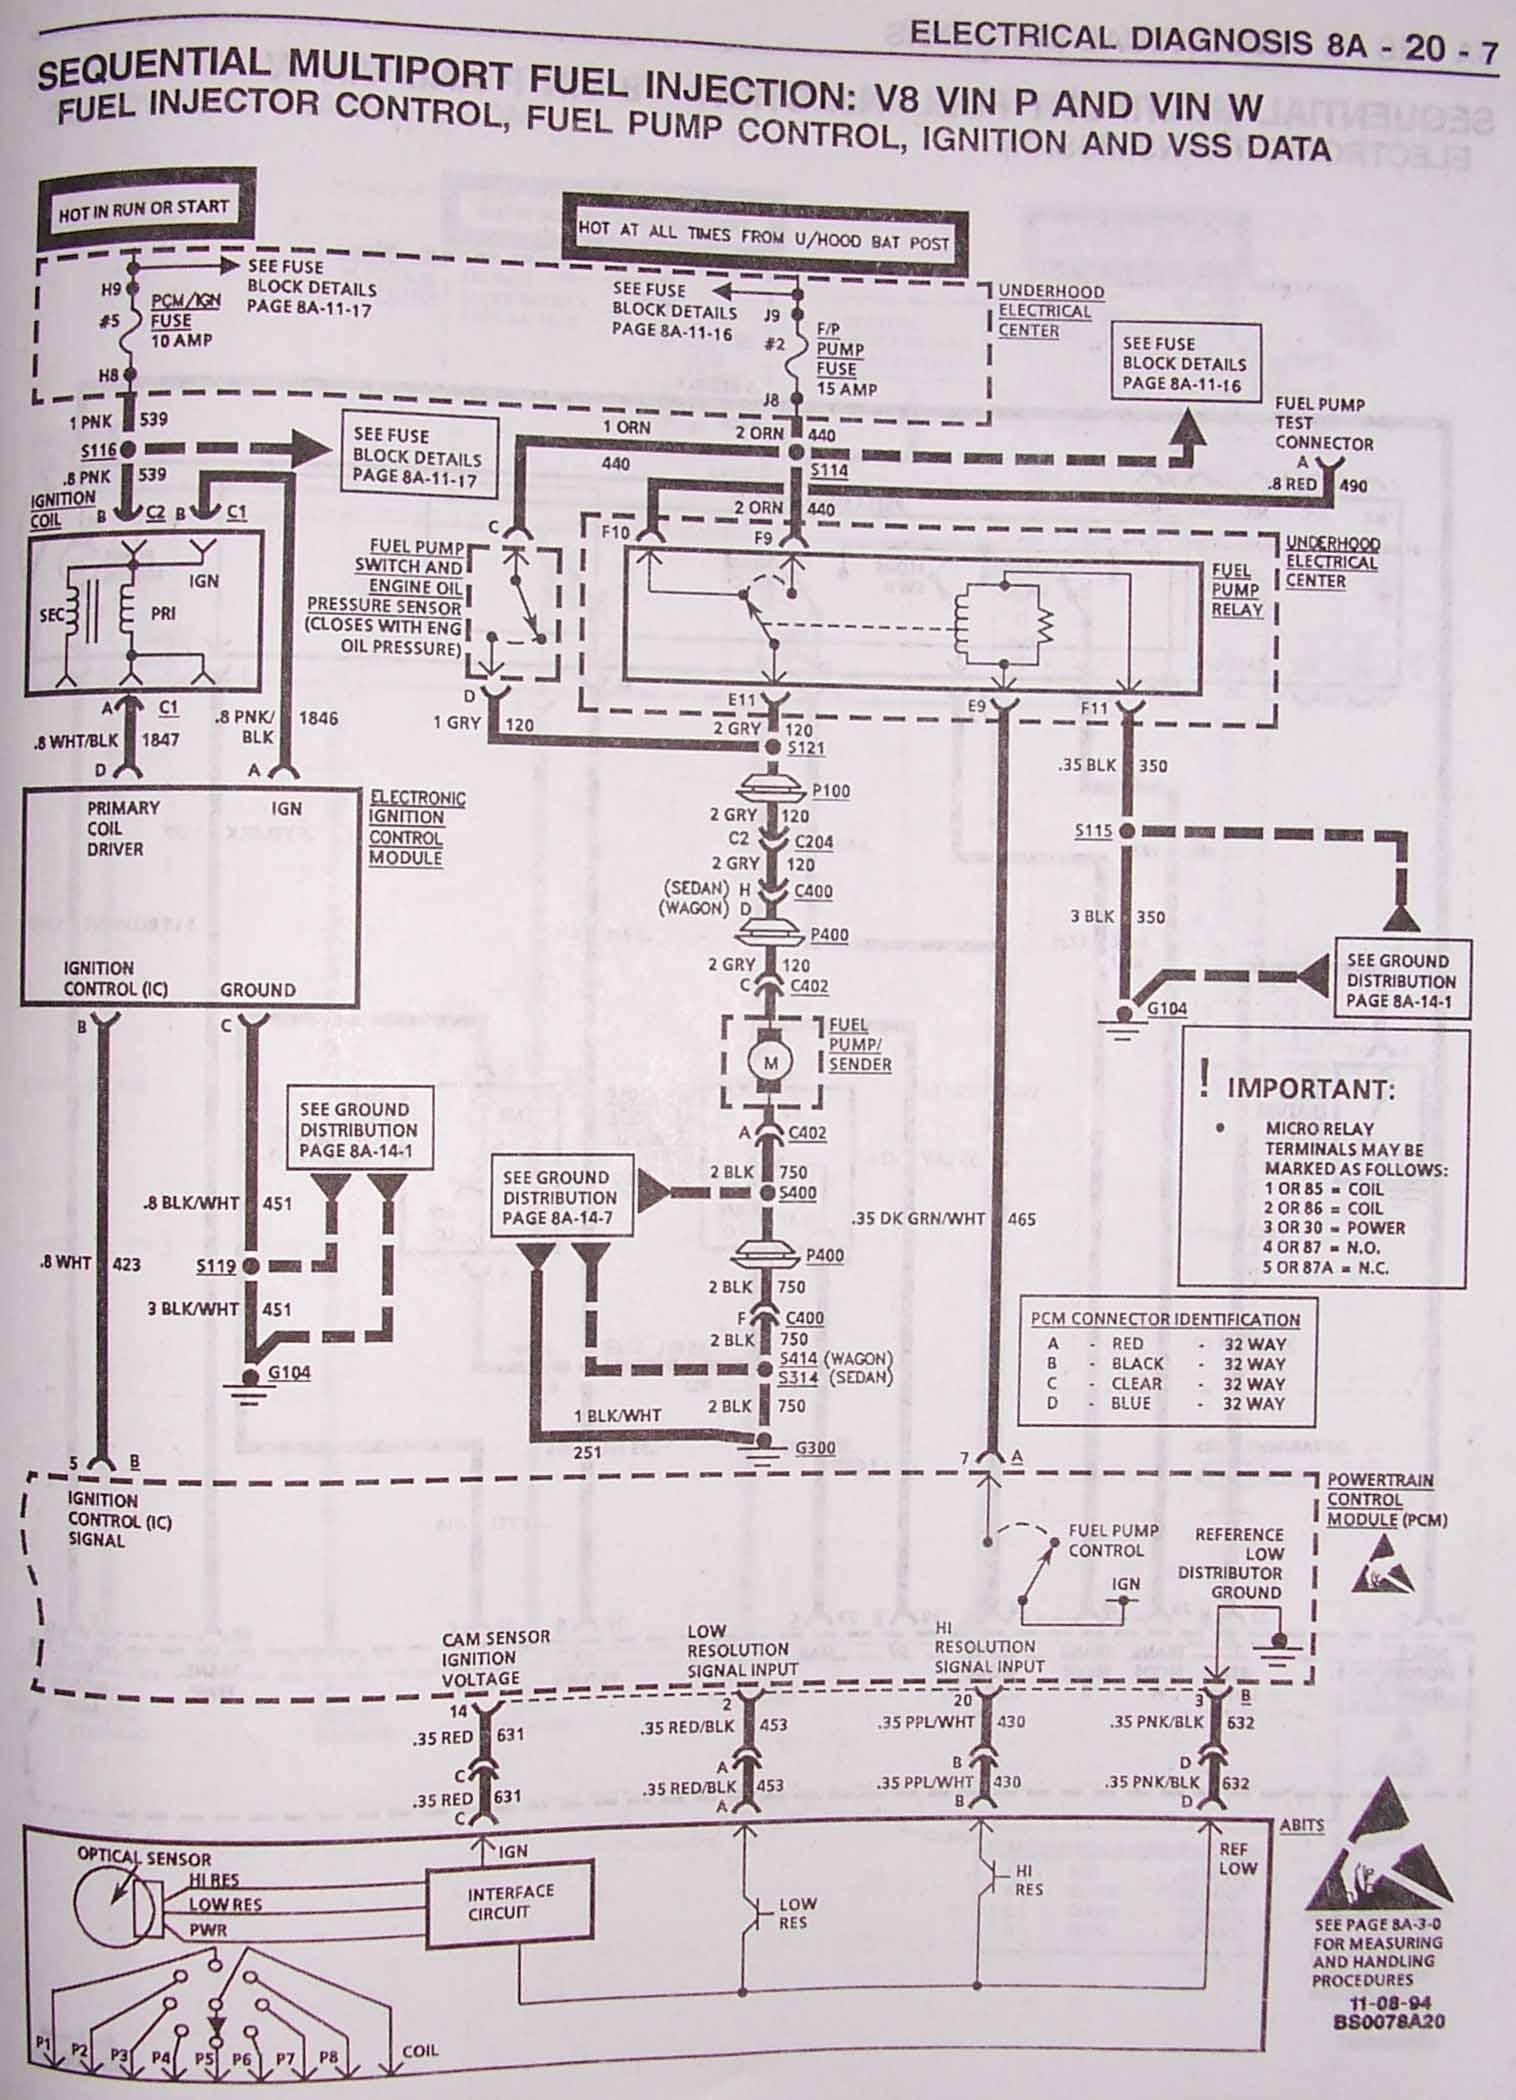 vss wiring 1995 chevy pickup